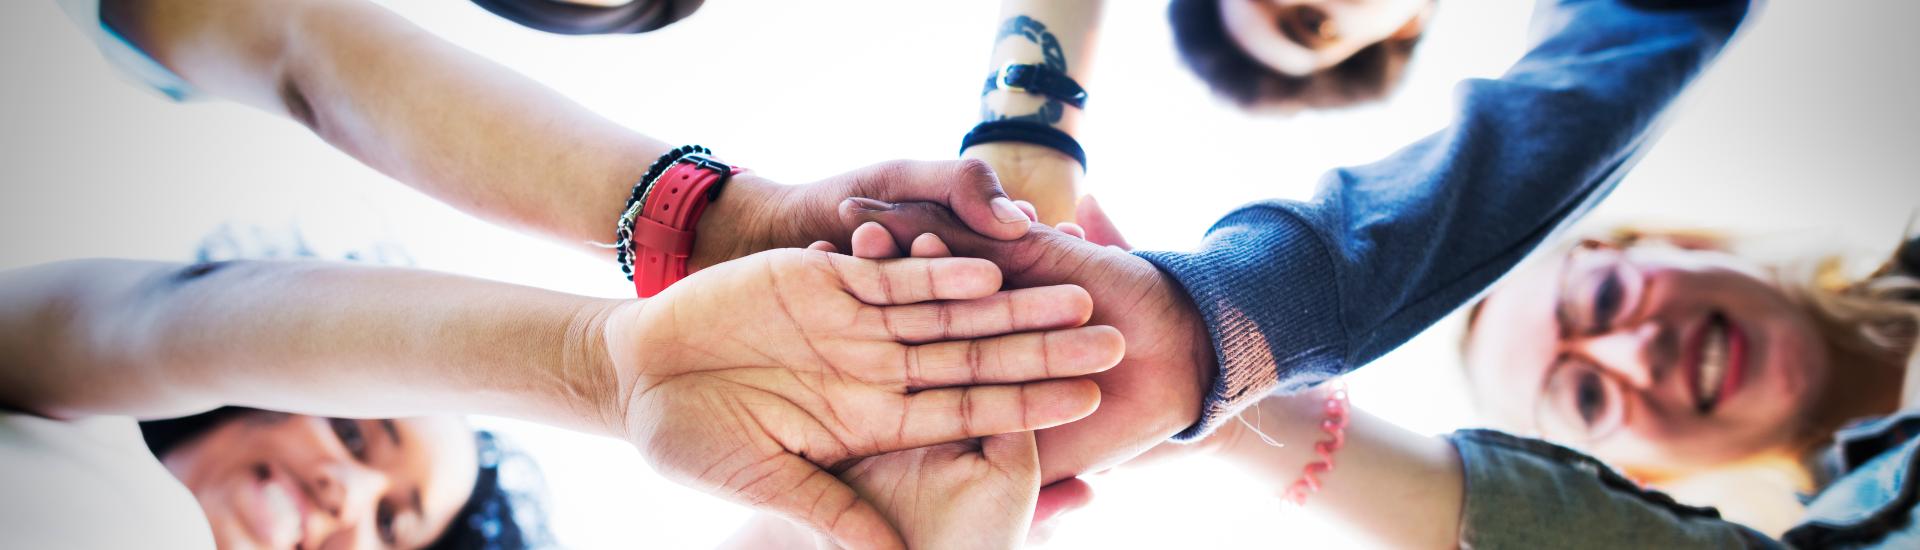 Menschen halten Hände zusammen